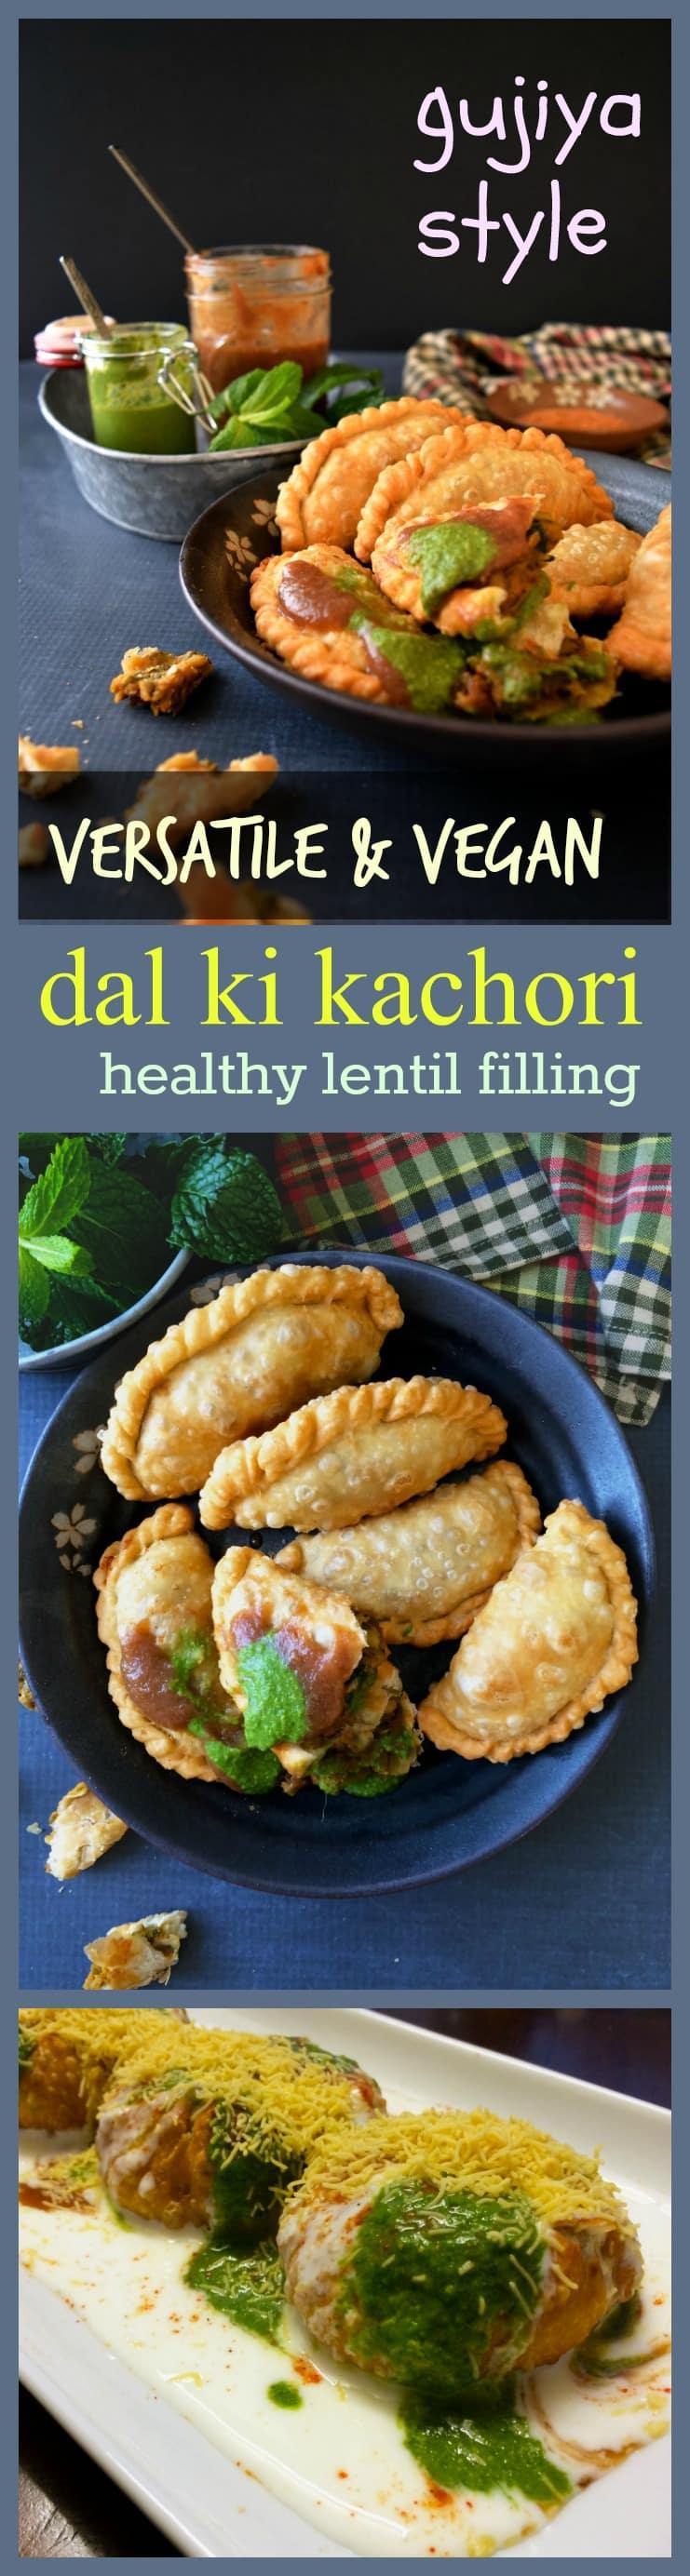 easy dal ki kachori - gujiya style